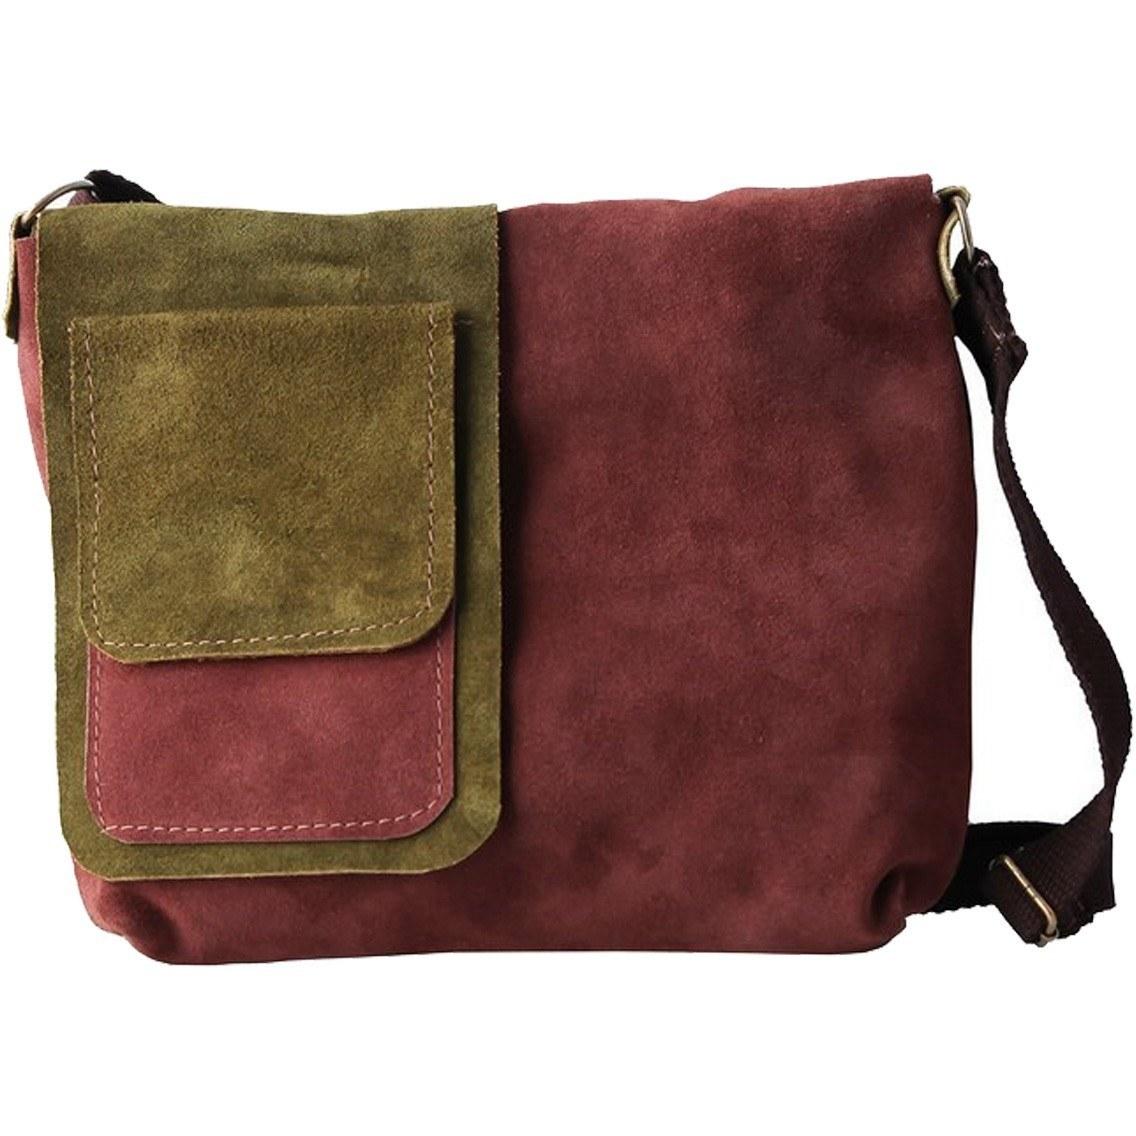 کیف دوشی چرم طبیعی گالری ستاک کد 81015